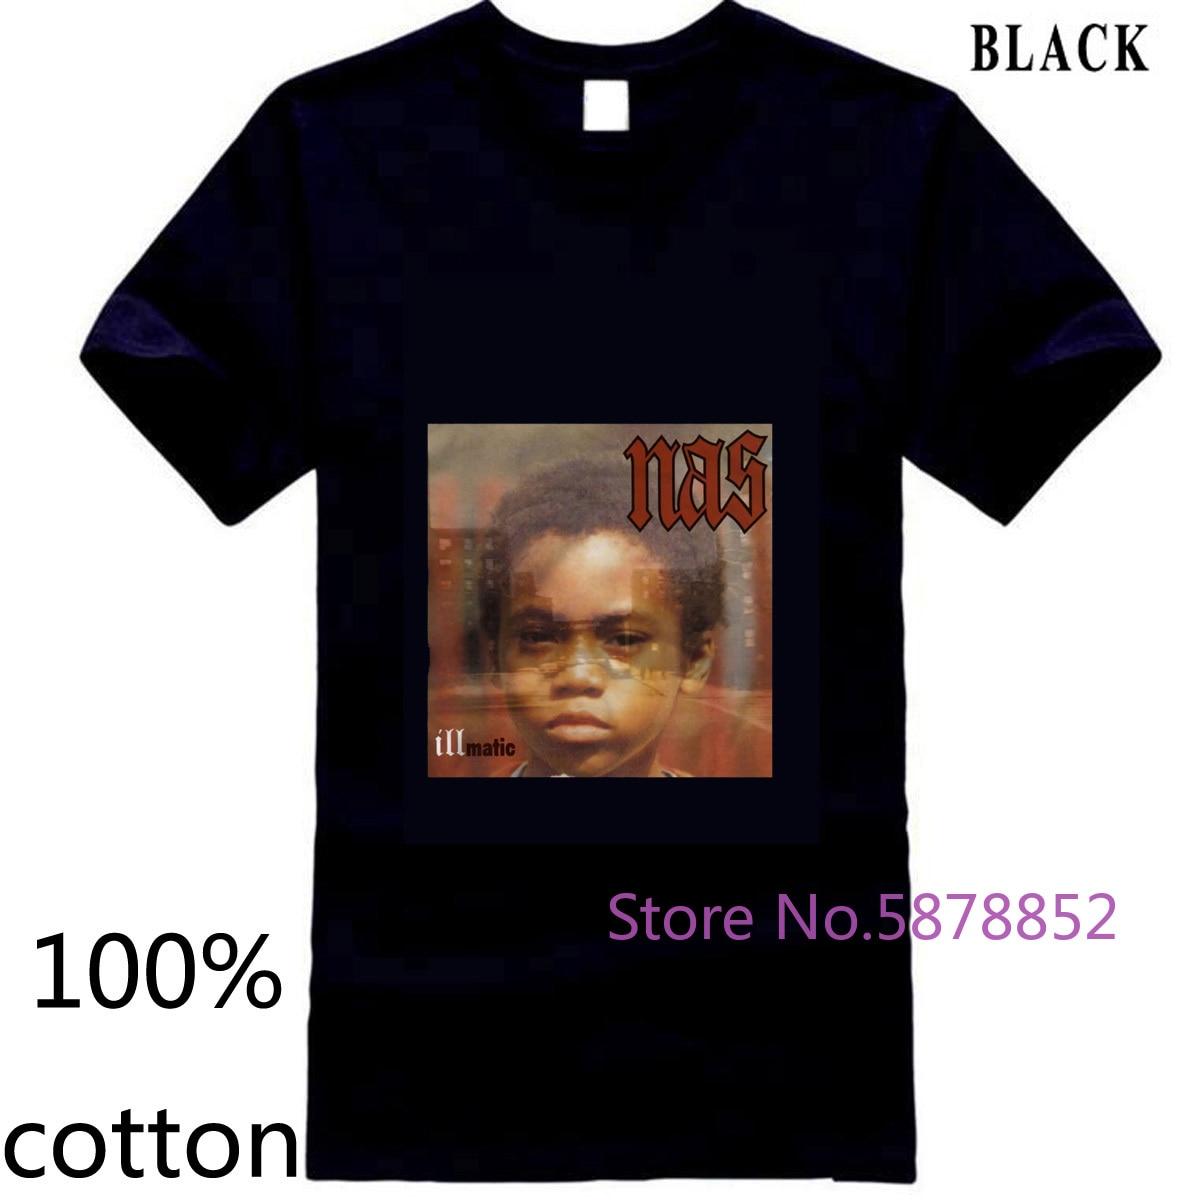 Nas Illmatic Album Cover hombre/mujer estampado marca en venta nueva camiseta para hombre Camiseta tops camisetas 100% algodón cuello redondo 3XL 4XL